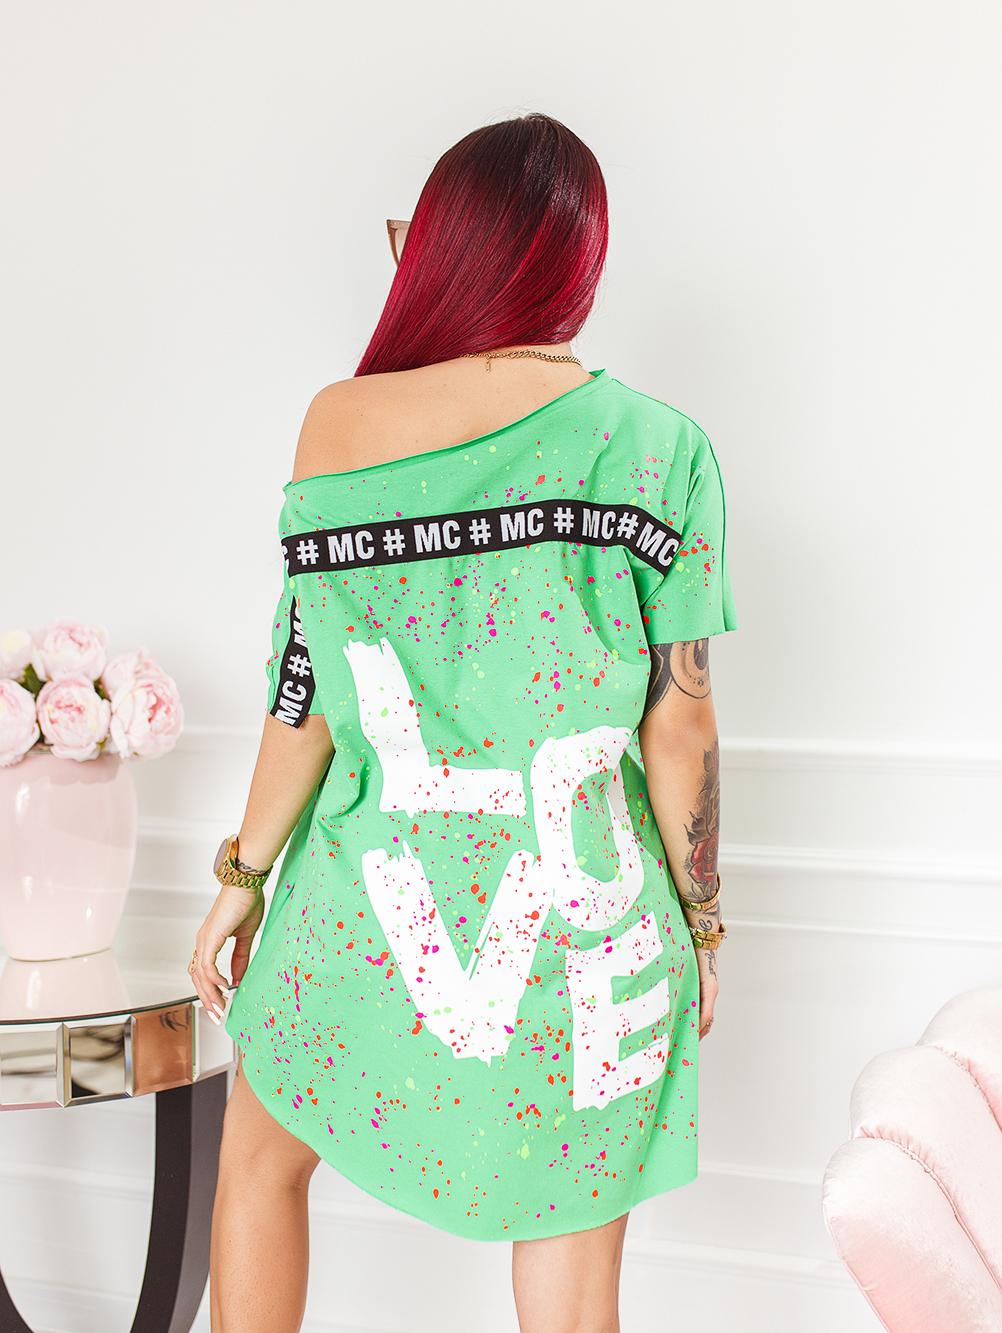 zielona-bluzka-damska-z-dekoltem-w-lodke-w-kolorwe-plamki-z-napisem-love (3)